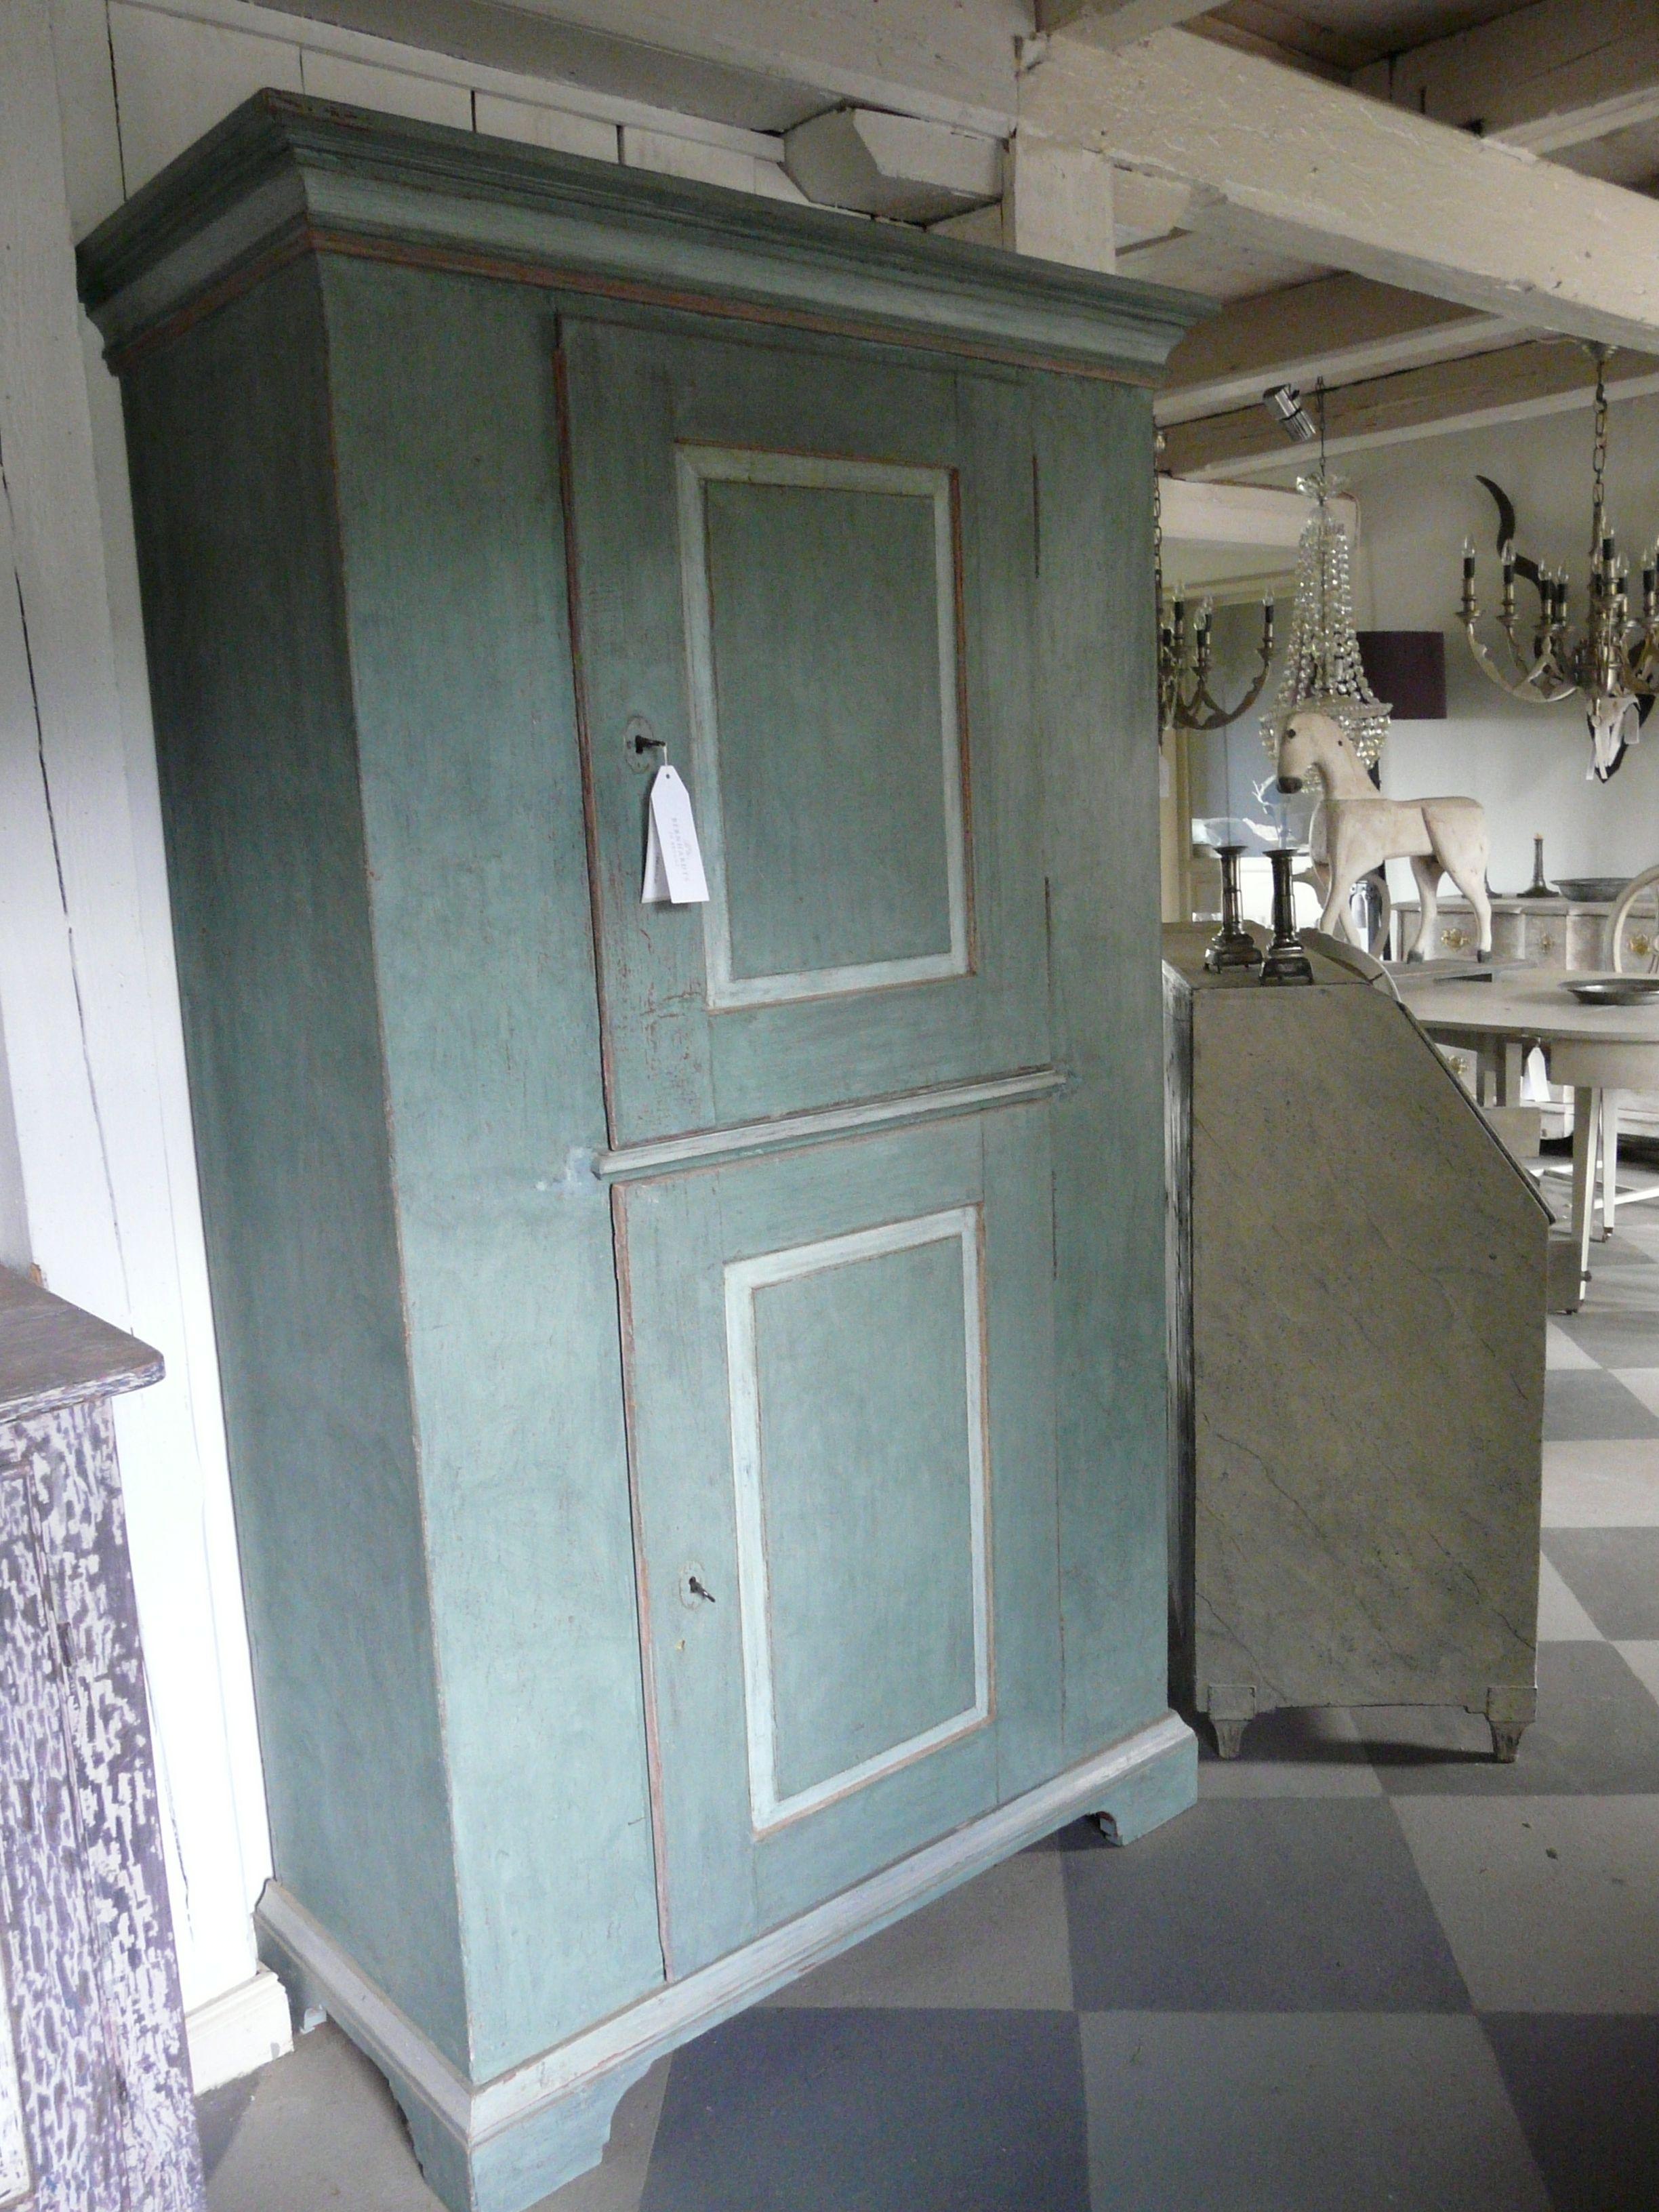 Antique Green Cupboard Mit Bildern Restaurieren Franzosischer Stil Antike Mobel